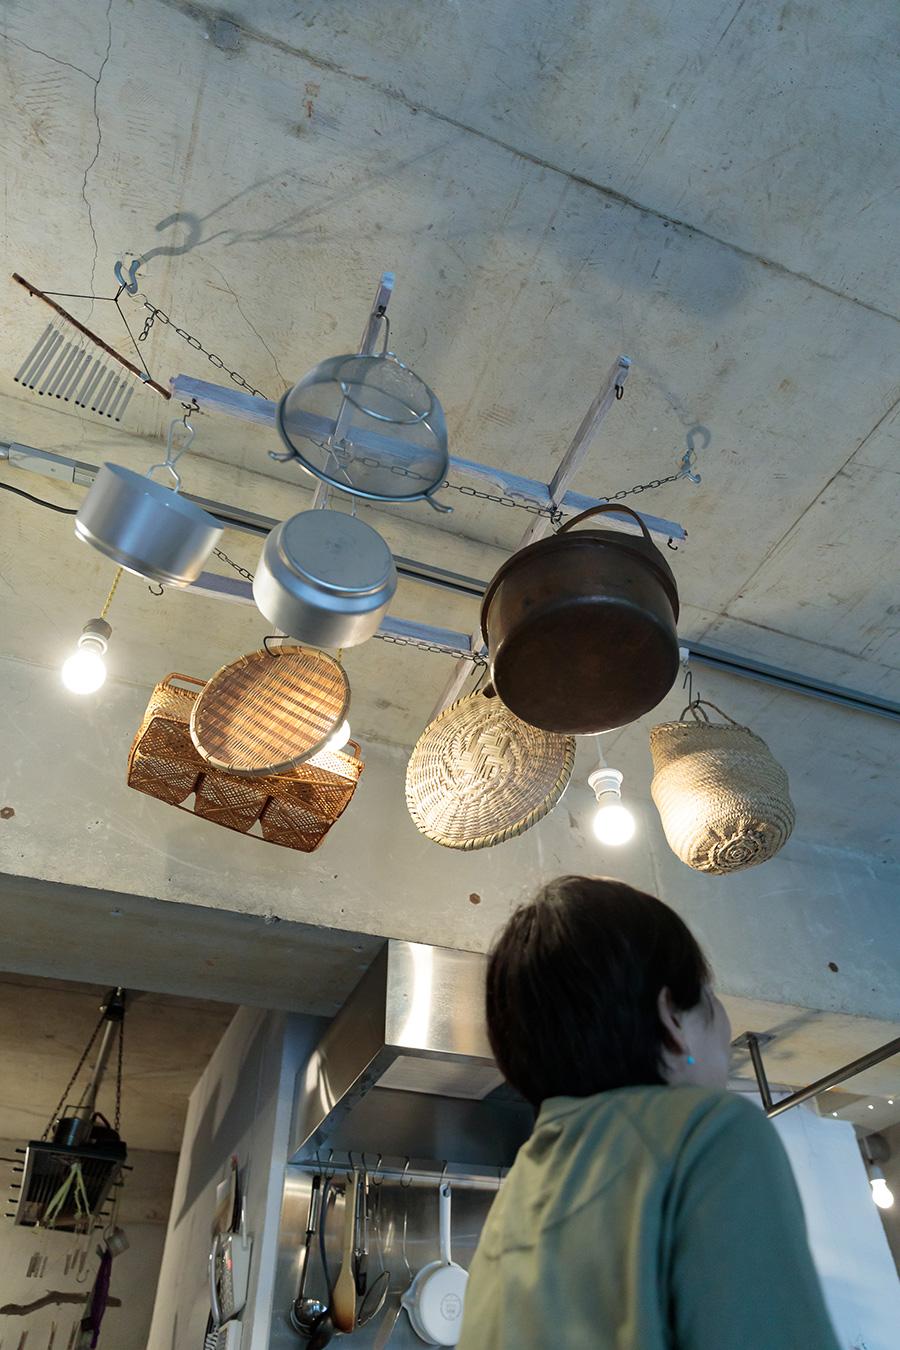 頭上に食器や籠が! よく見ると楽器も!! 遊び心いっぱいのワクワクするしかけがそこここに。